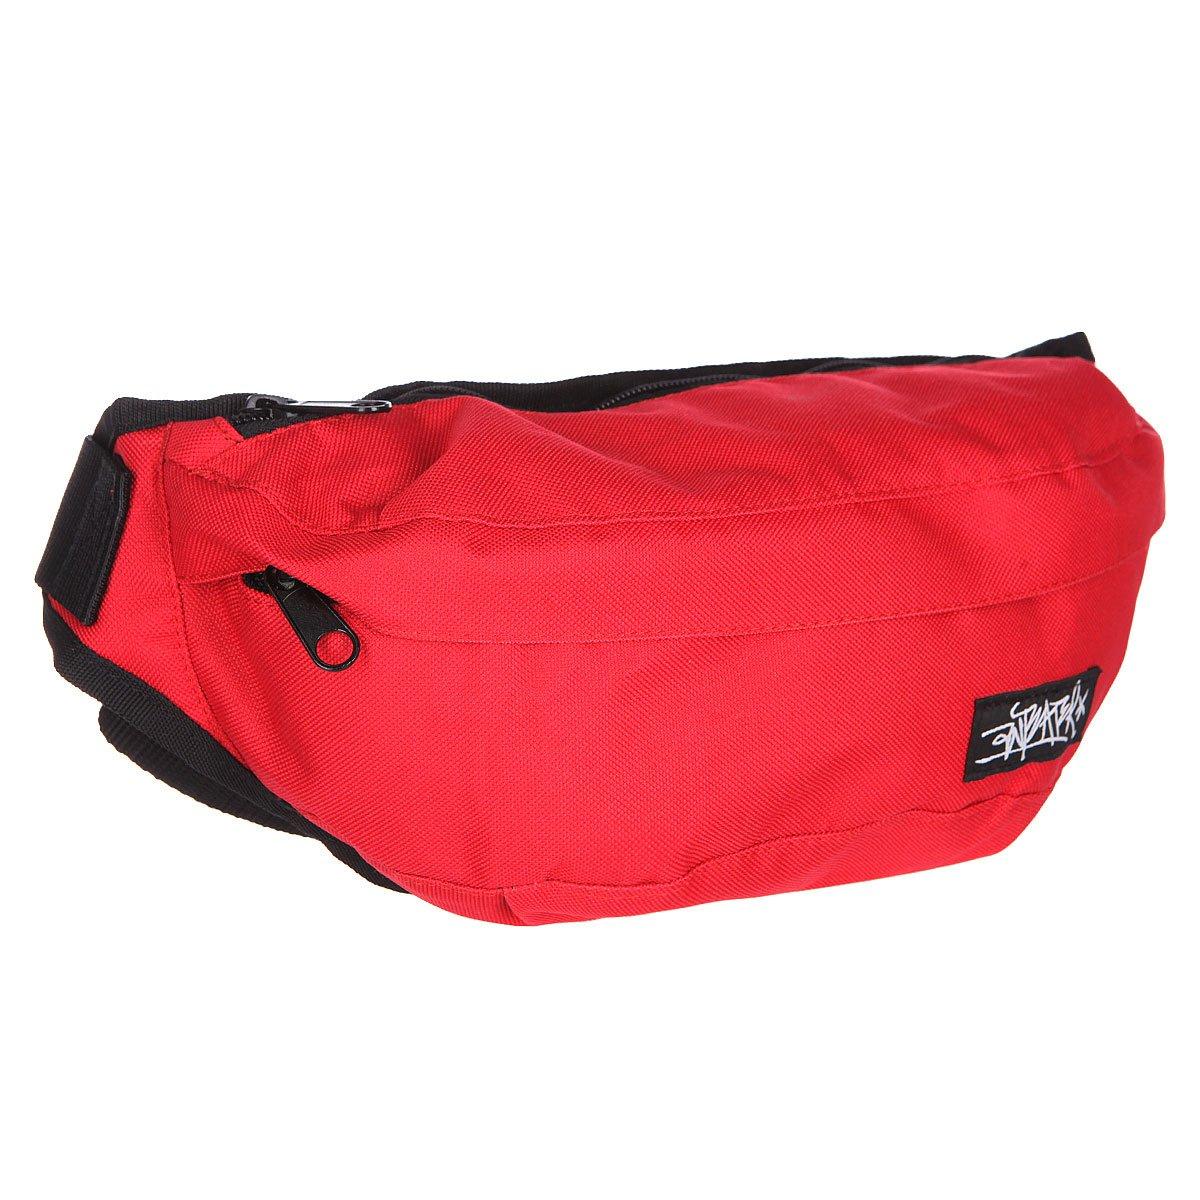 43f96d0fe9f4 Купить сумку поясная Anteater Minibag red в интернет-магазине ...